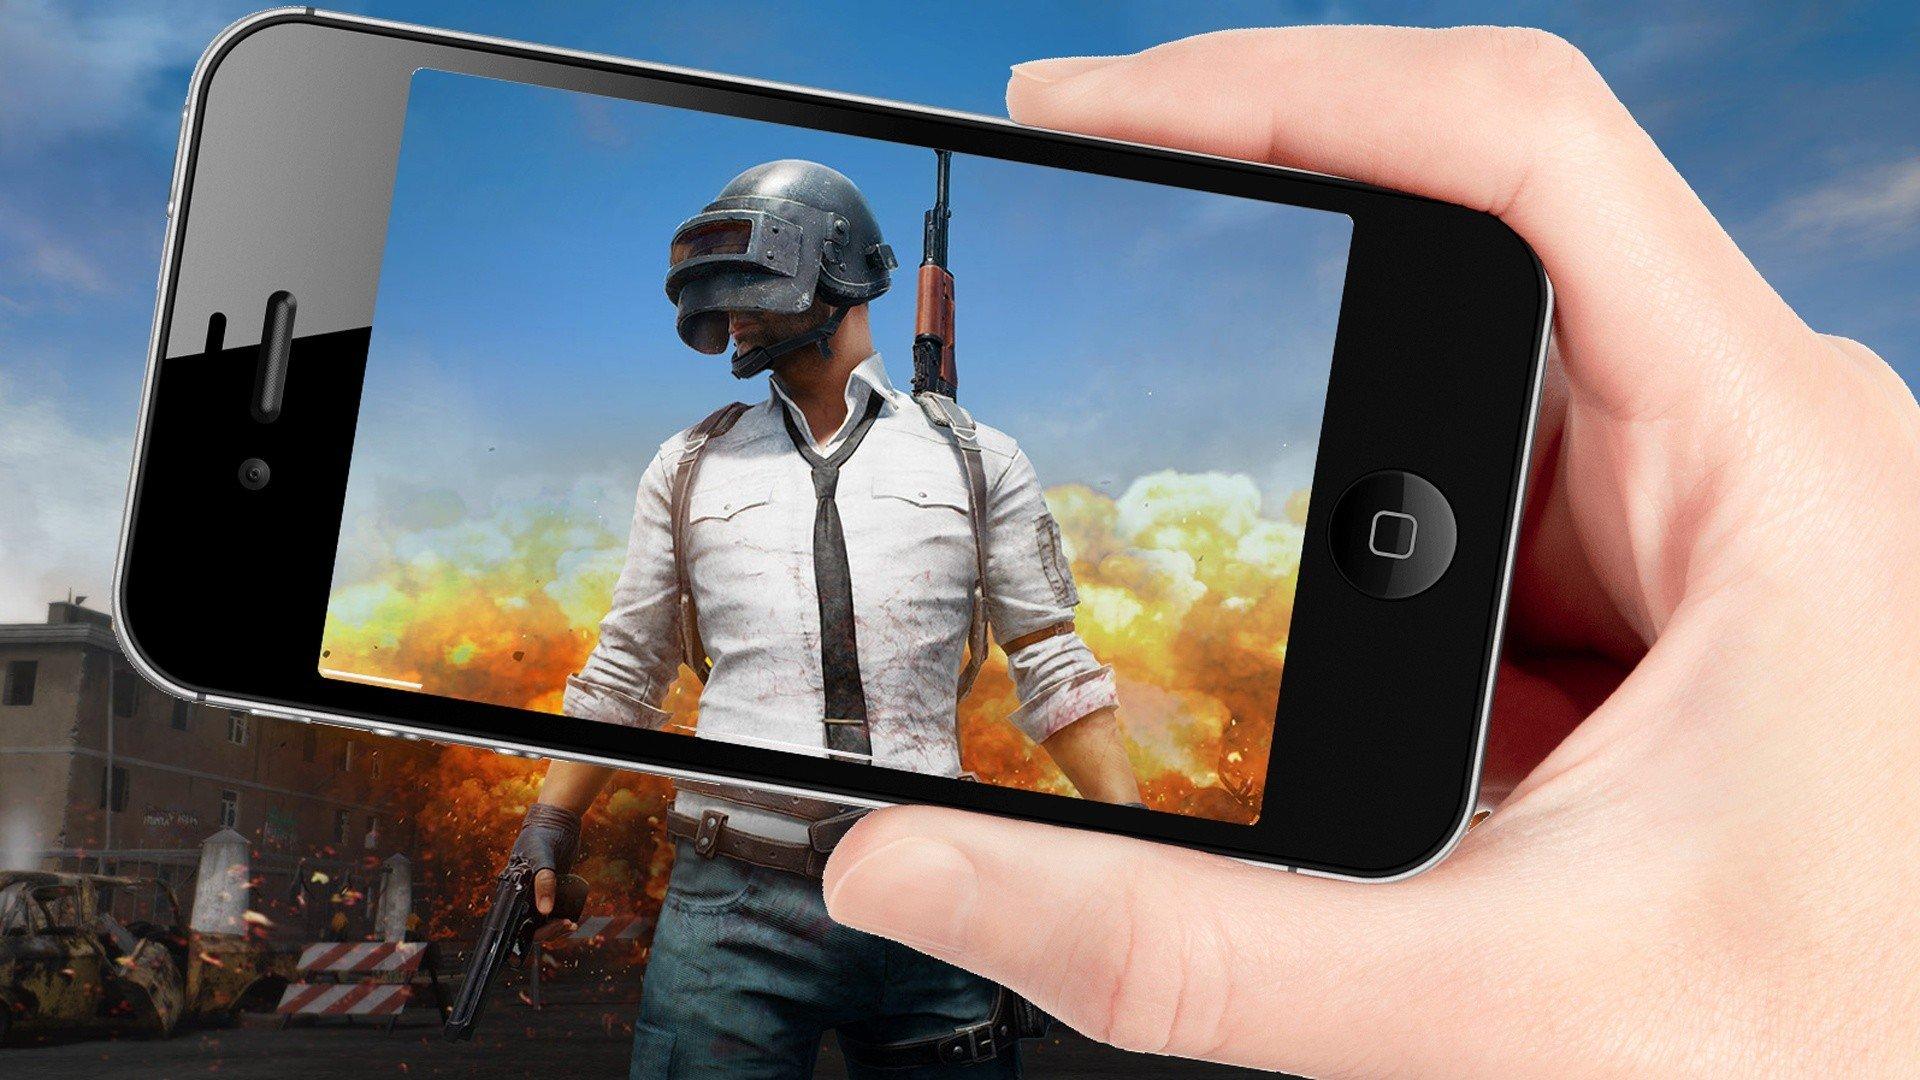 Разработчики PUBG Mobile забанили 18 миллионов читеров